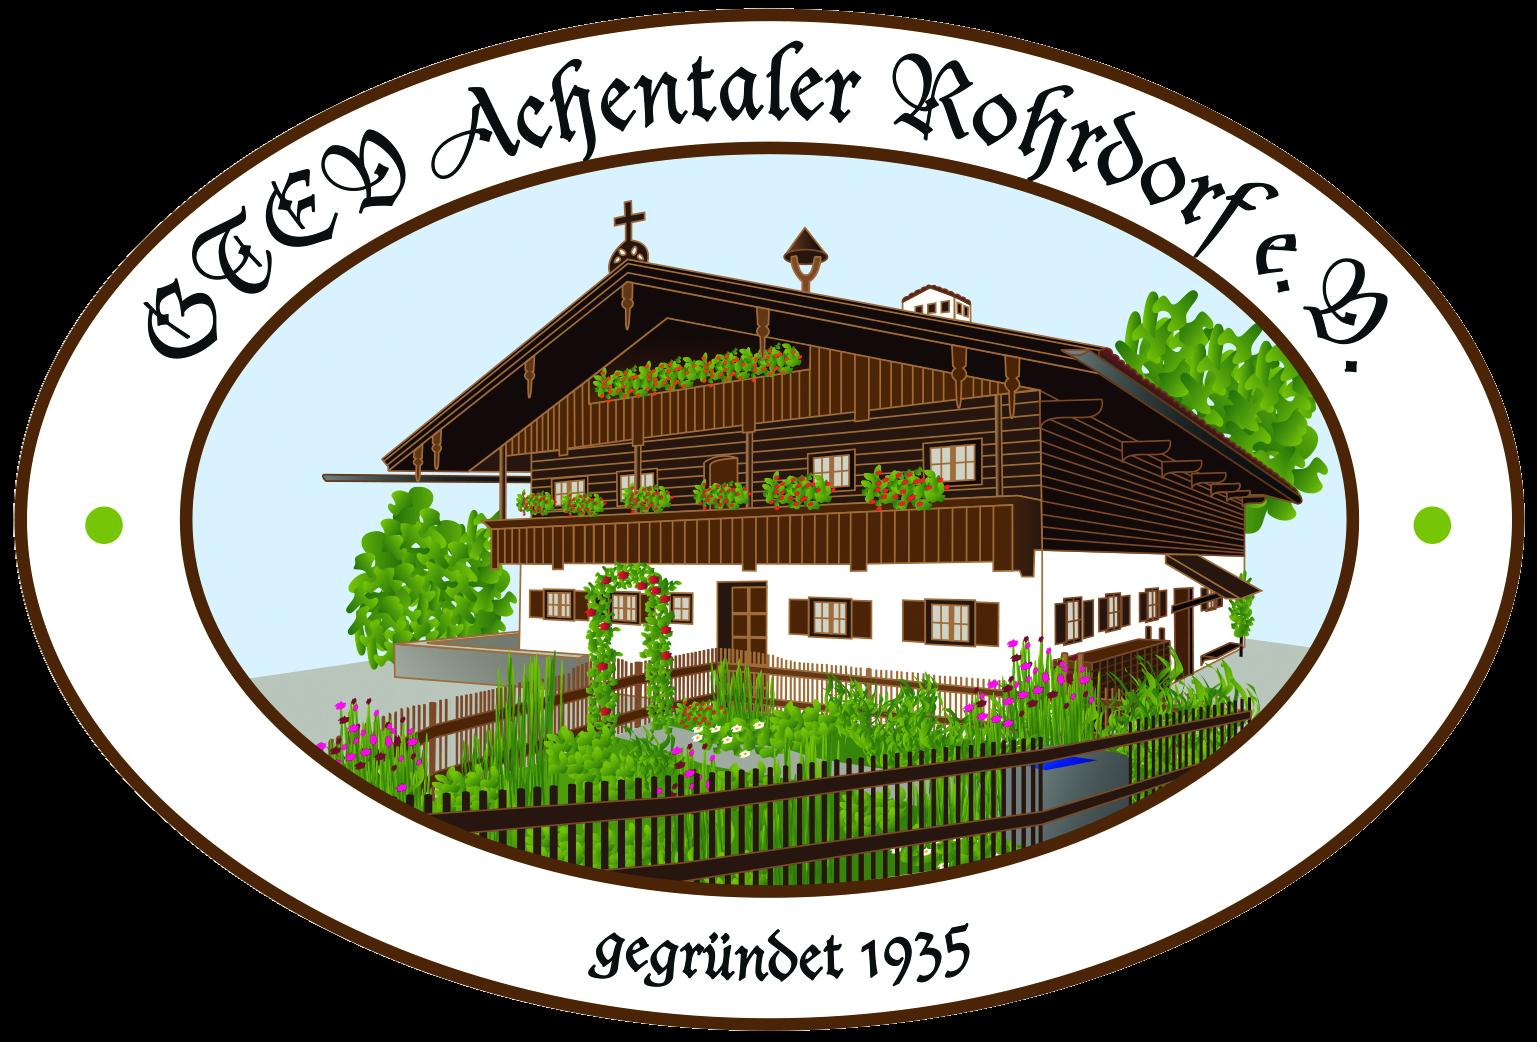 GTEV Achentaler Rohrdorf e.V.